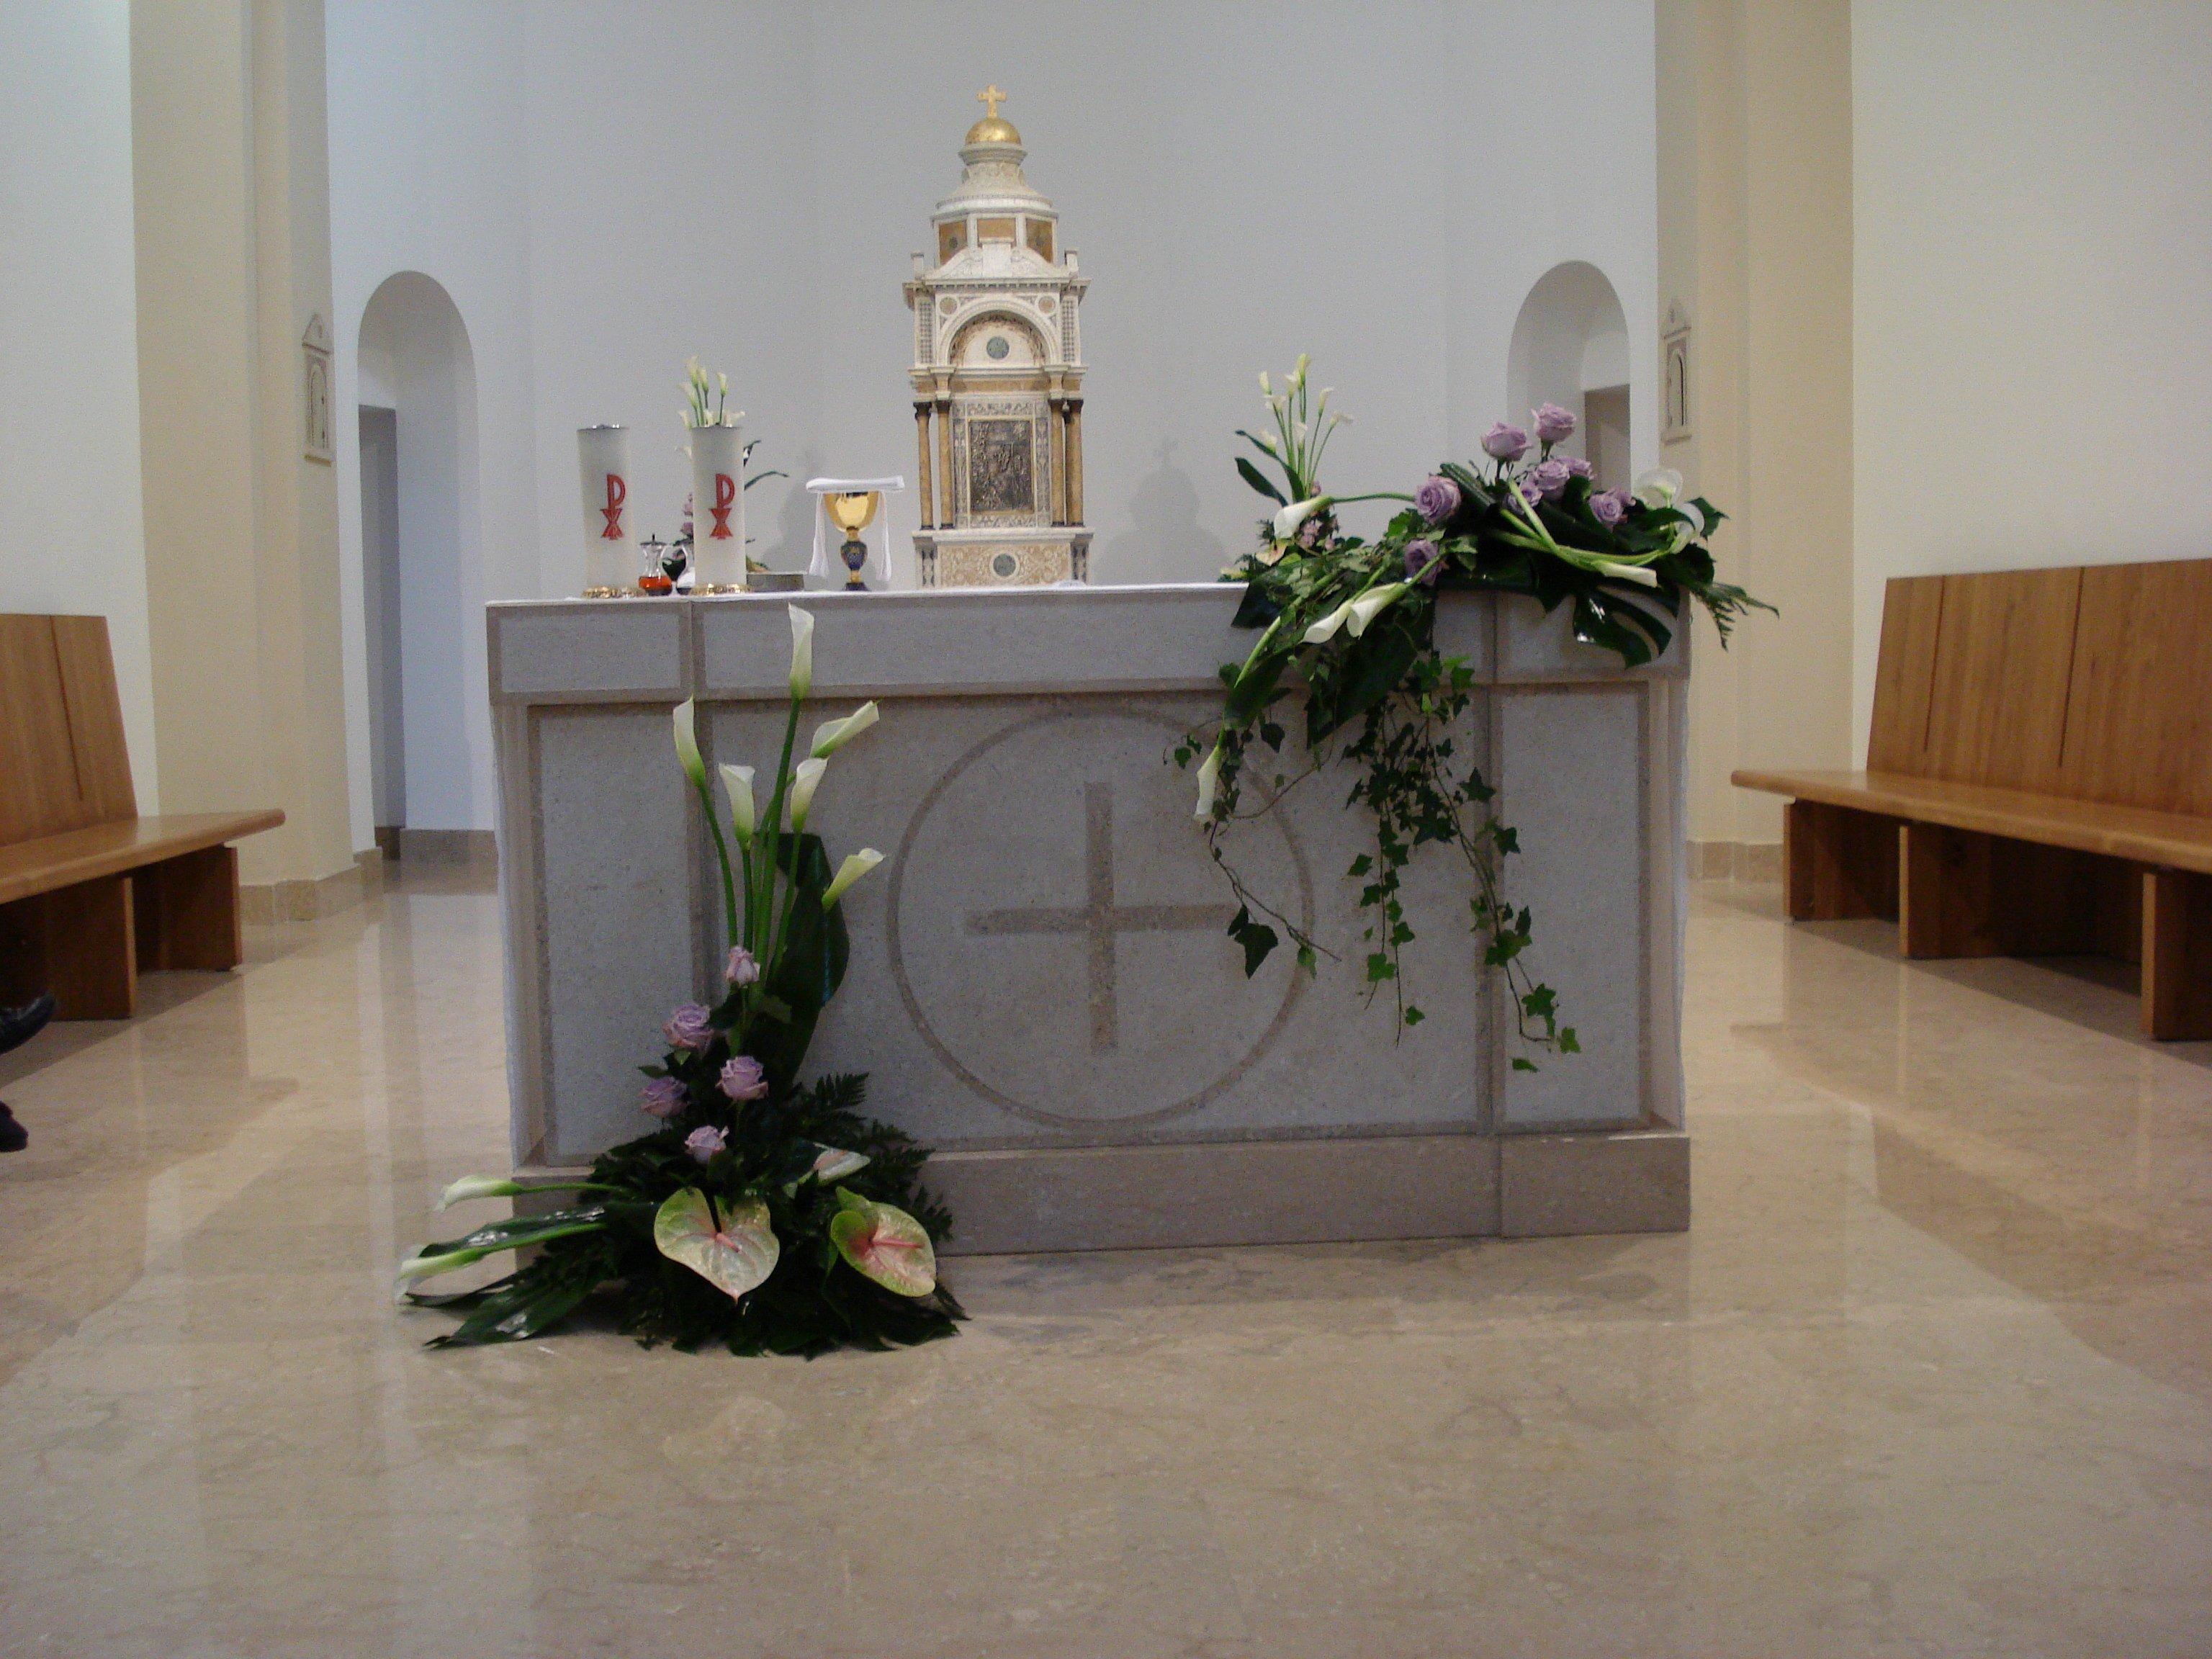 altare chiesa cazzago